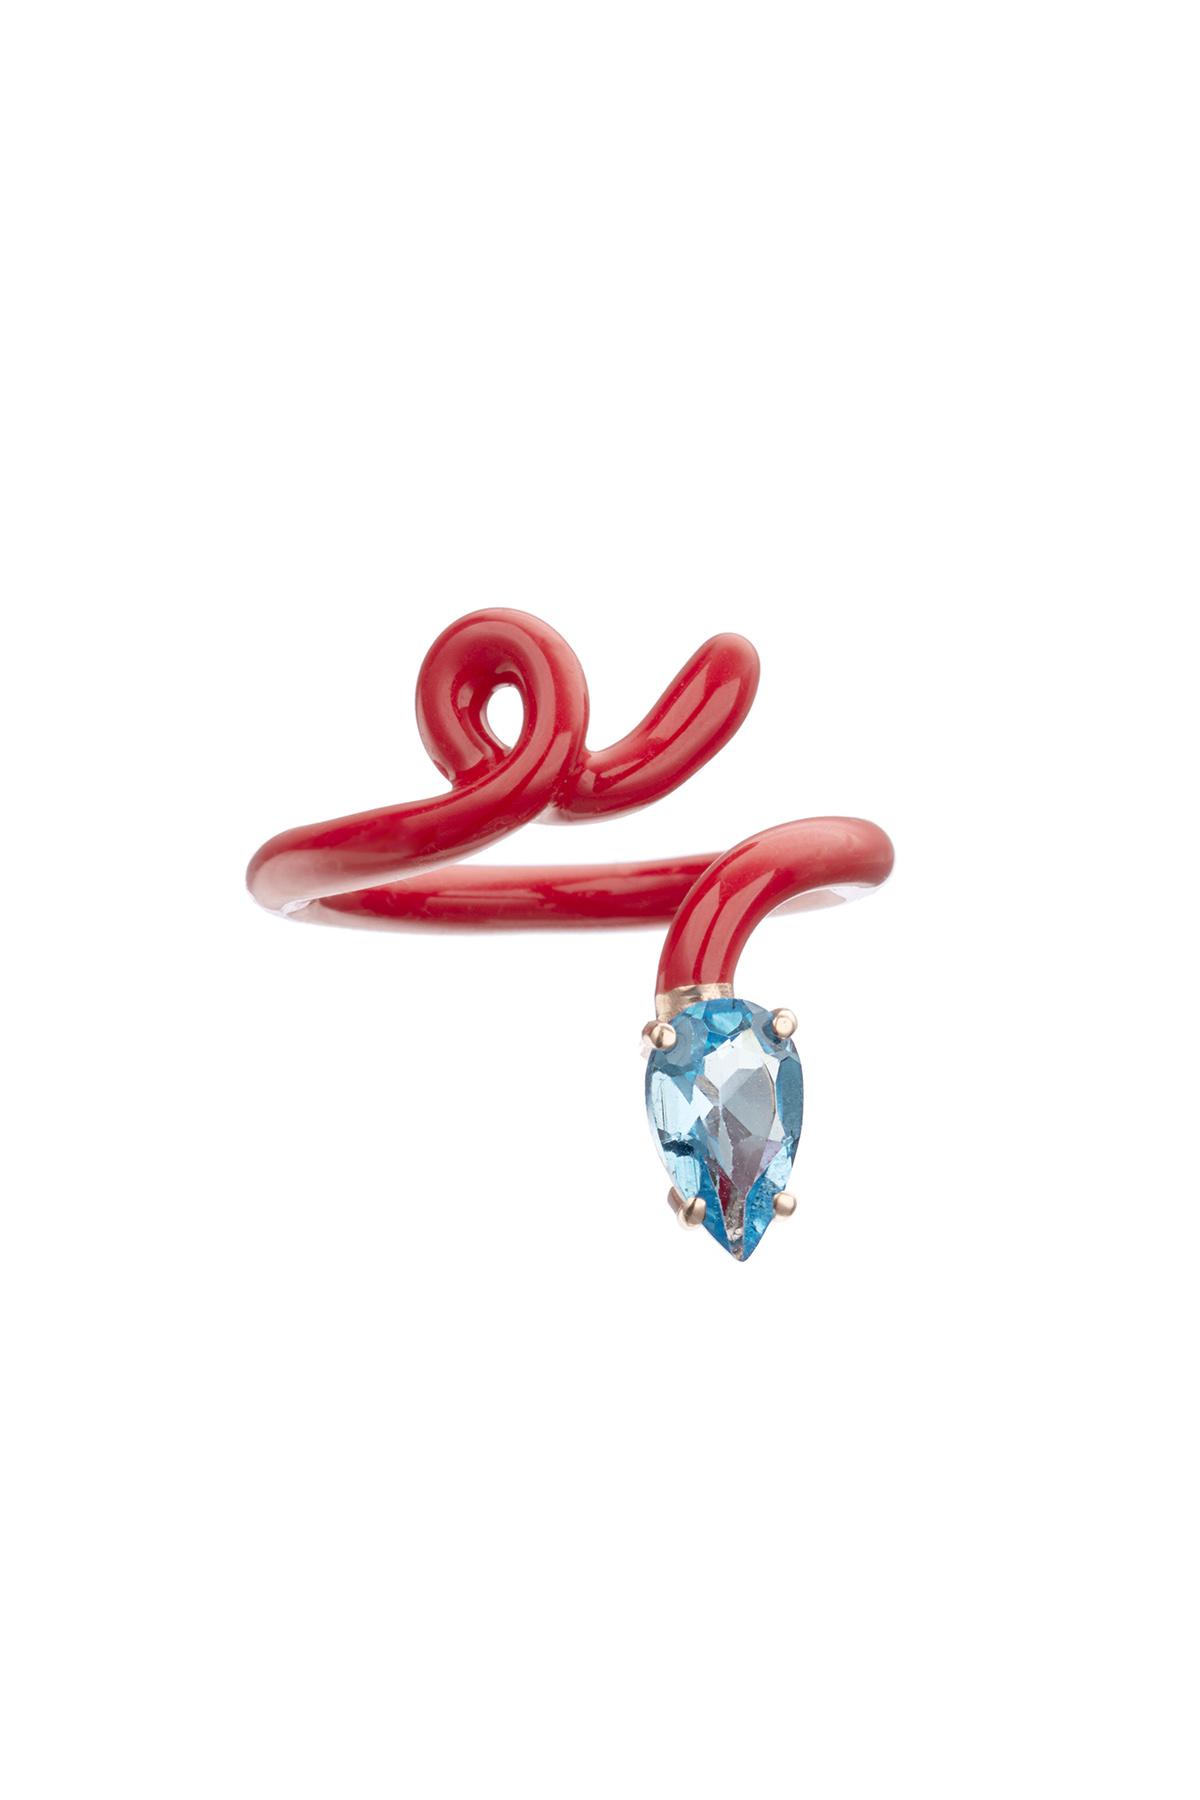 BEA BONGIASCA BABY VINE TENDRIL TOPAZ RING 14 Red, Light blue